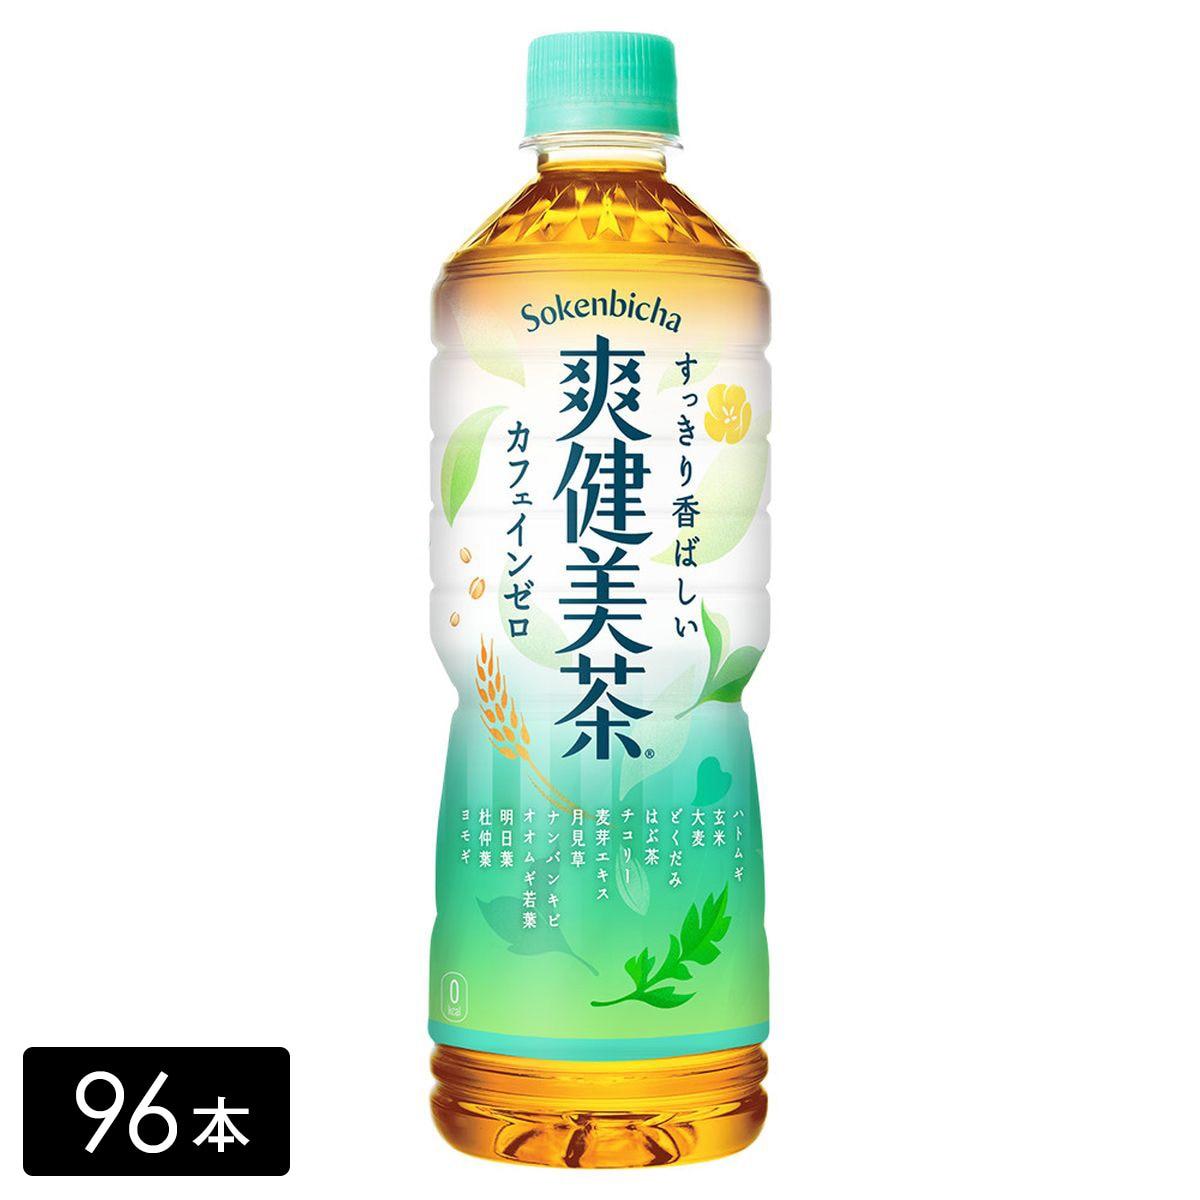 コカ・コーラボトラーズ 爽健美茶 600mL×96本 51455